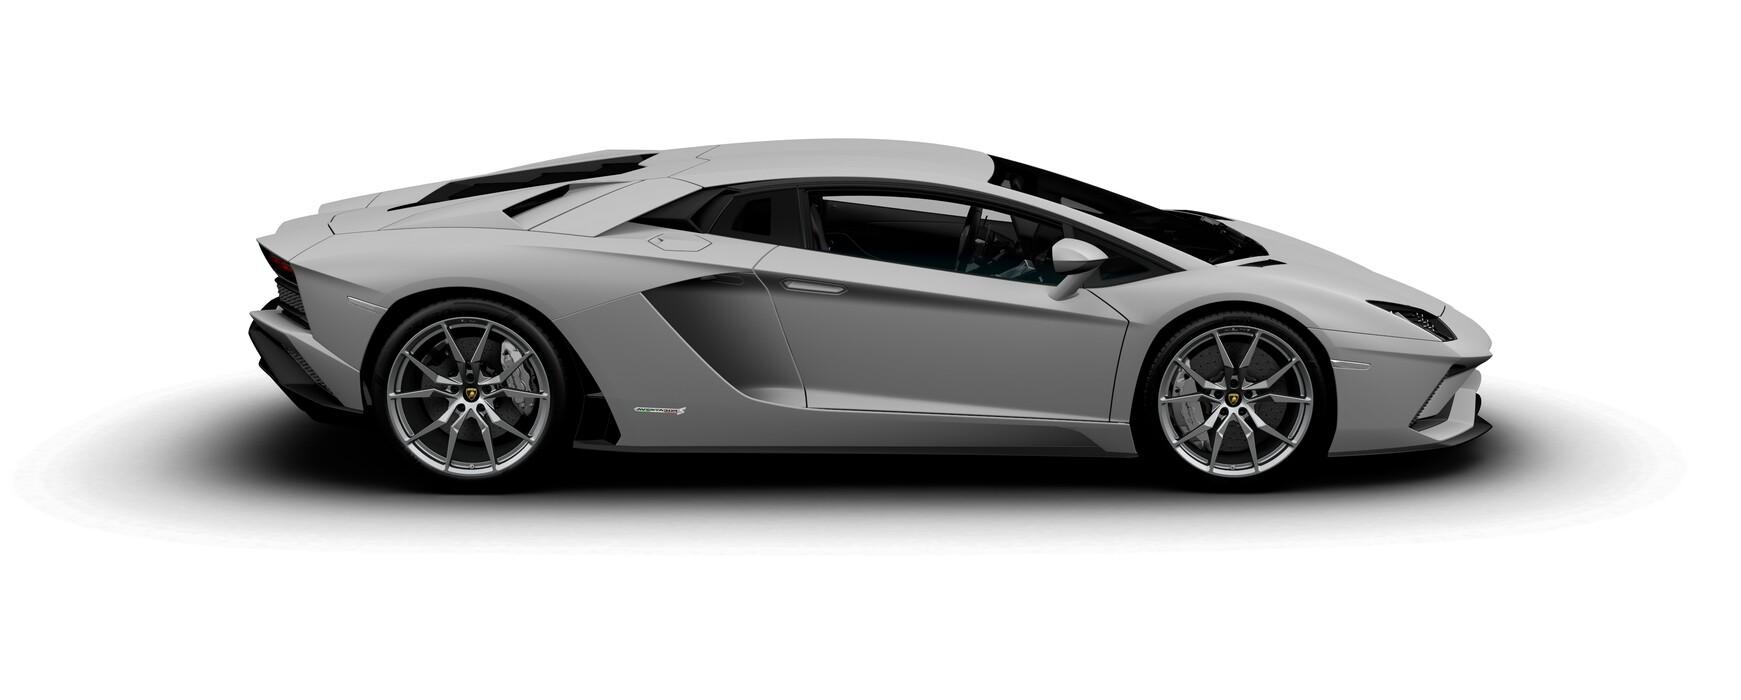 Lamborghini Aventador S Coupe matte Grigio Adamas side view